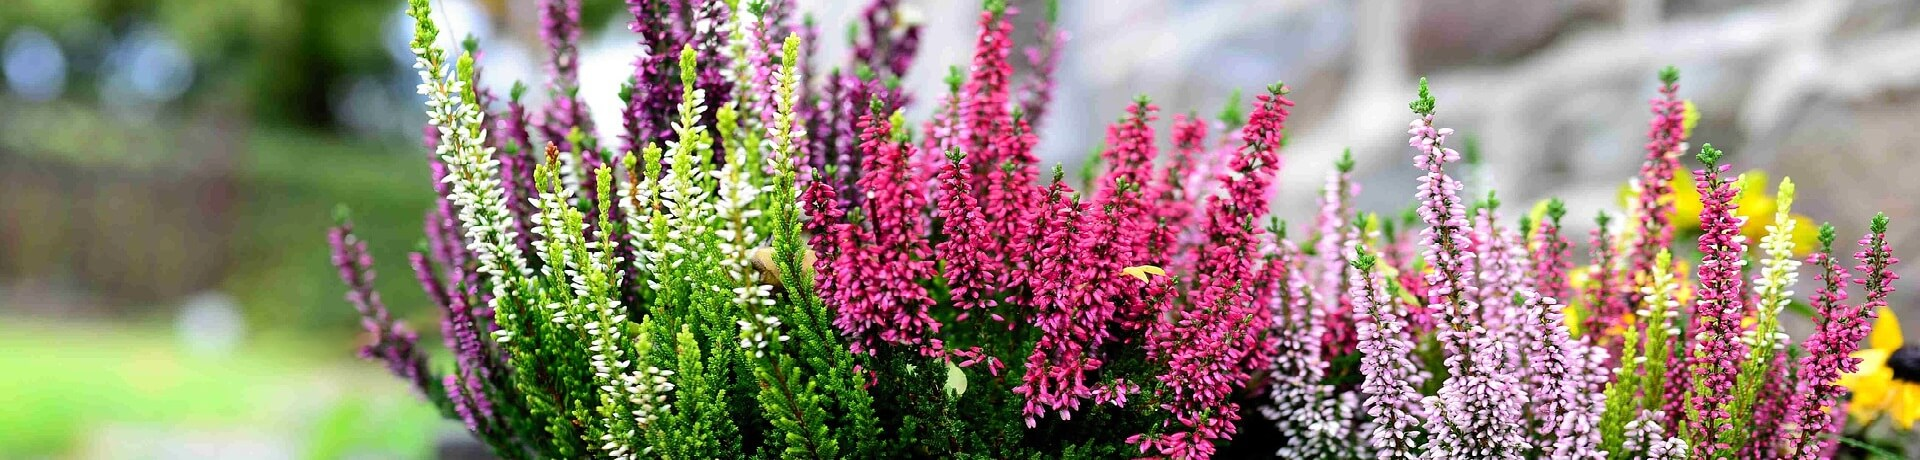 Vřesy a vřesovce udělají  spoustu parády na zahrádce, ale i v truhlíku či květináči.